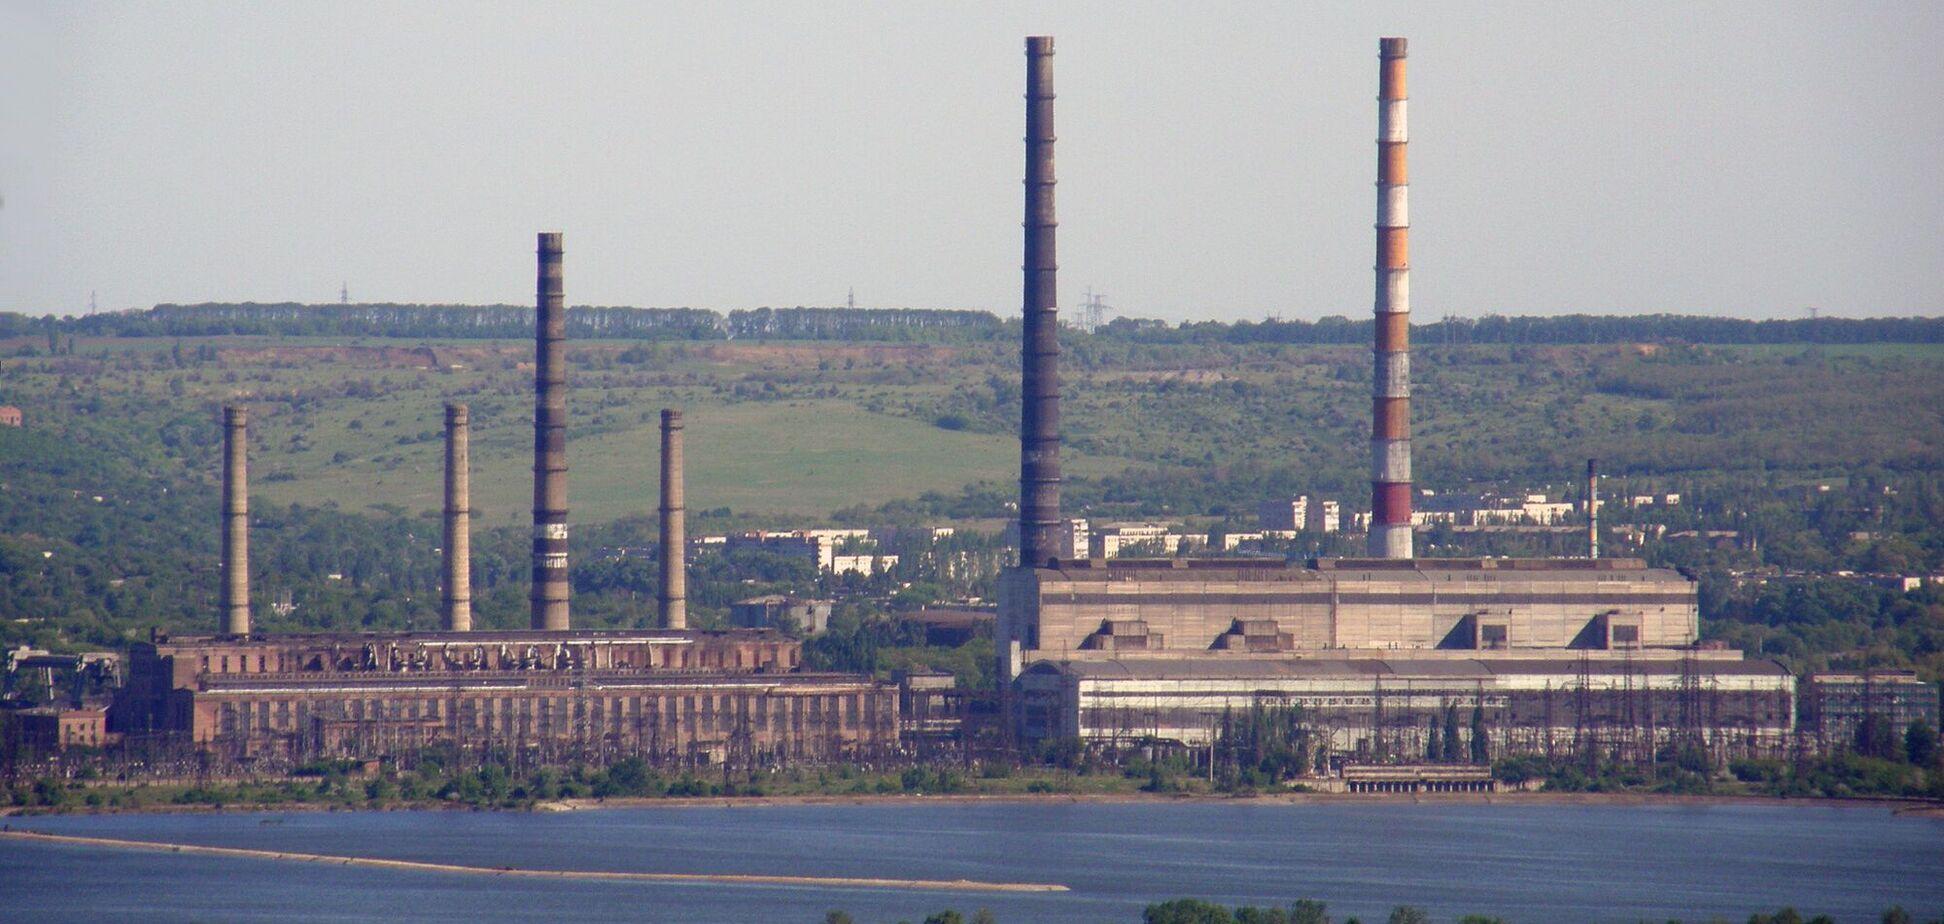 За последние три года Бурштынская ТЭС сократила валовые выбросы на 35%